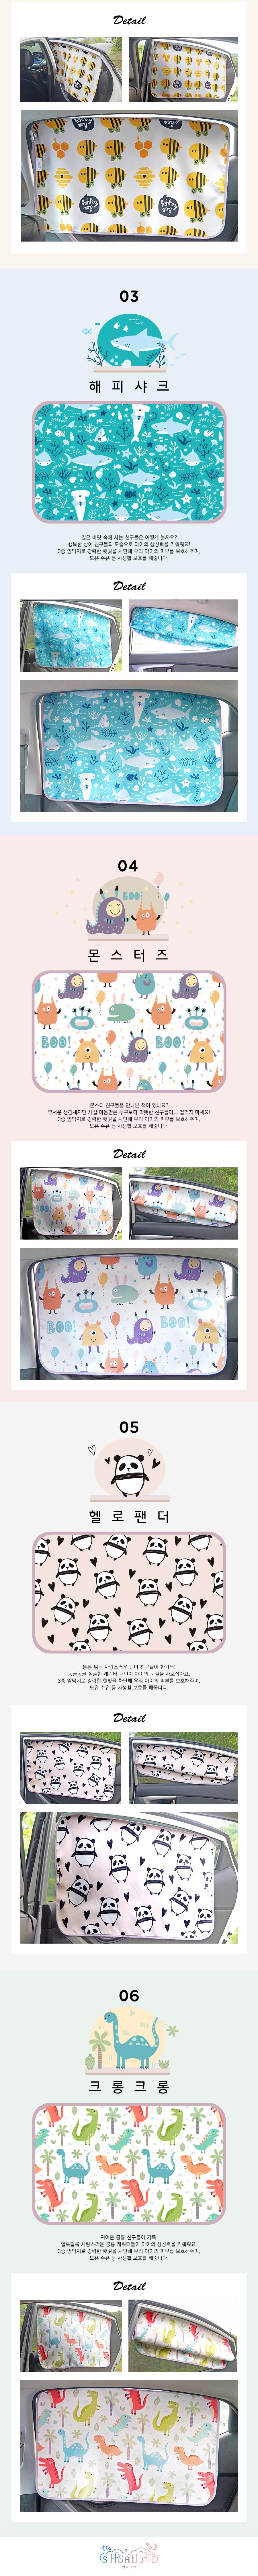 햇빛가리개 접착시트형 /어린이/가리개커튼 - 별과모래, 9,900원, 유모차/카시트, 카시트/유아차량용품